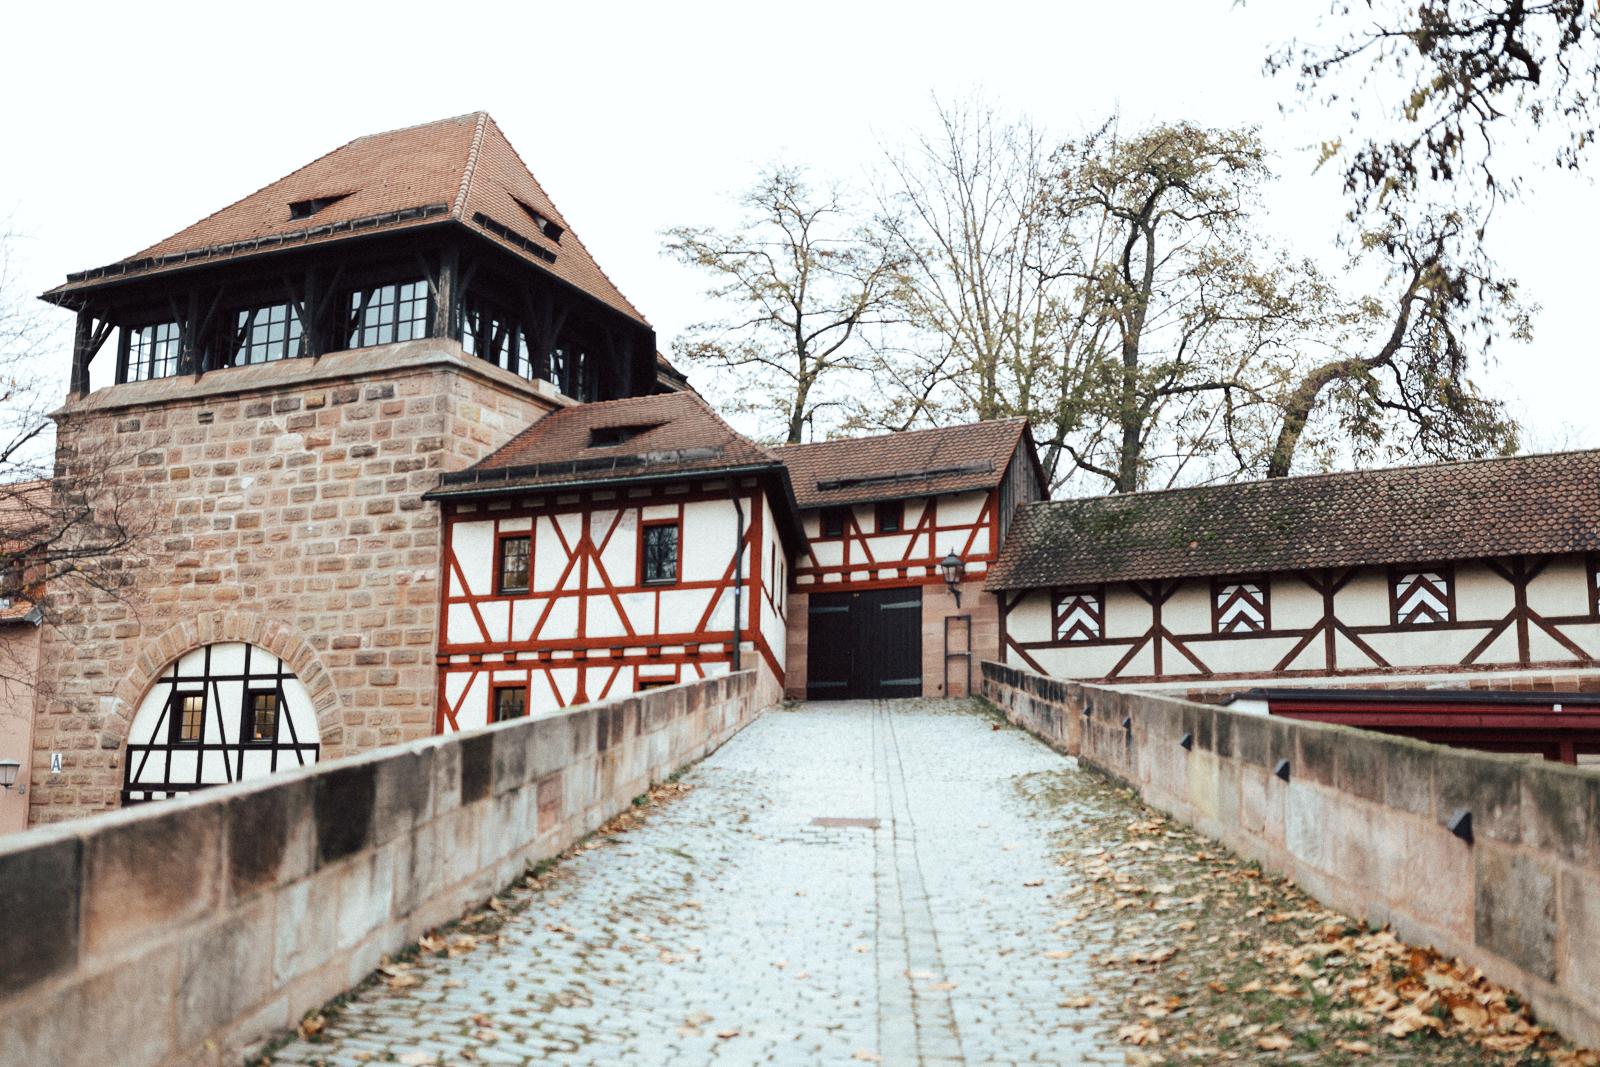 URBANERIE_Daniela_Goth_Fotografin_Nürnberg_Fürth_Erlangen_Schwabach_171110_001_0095